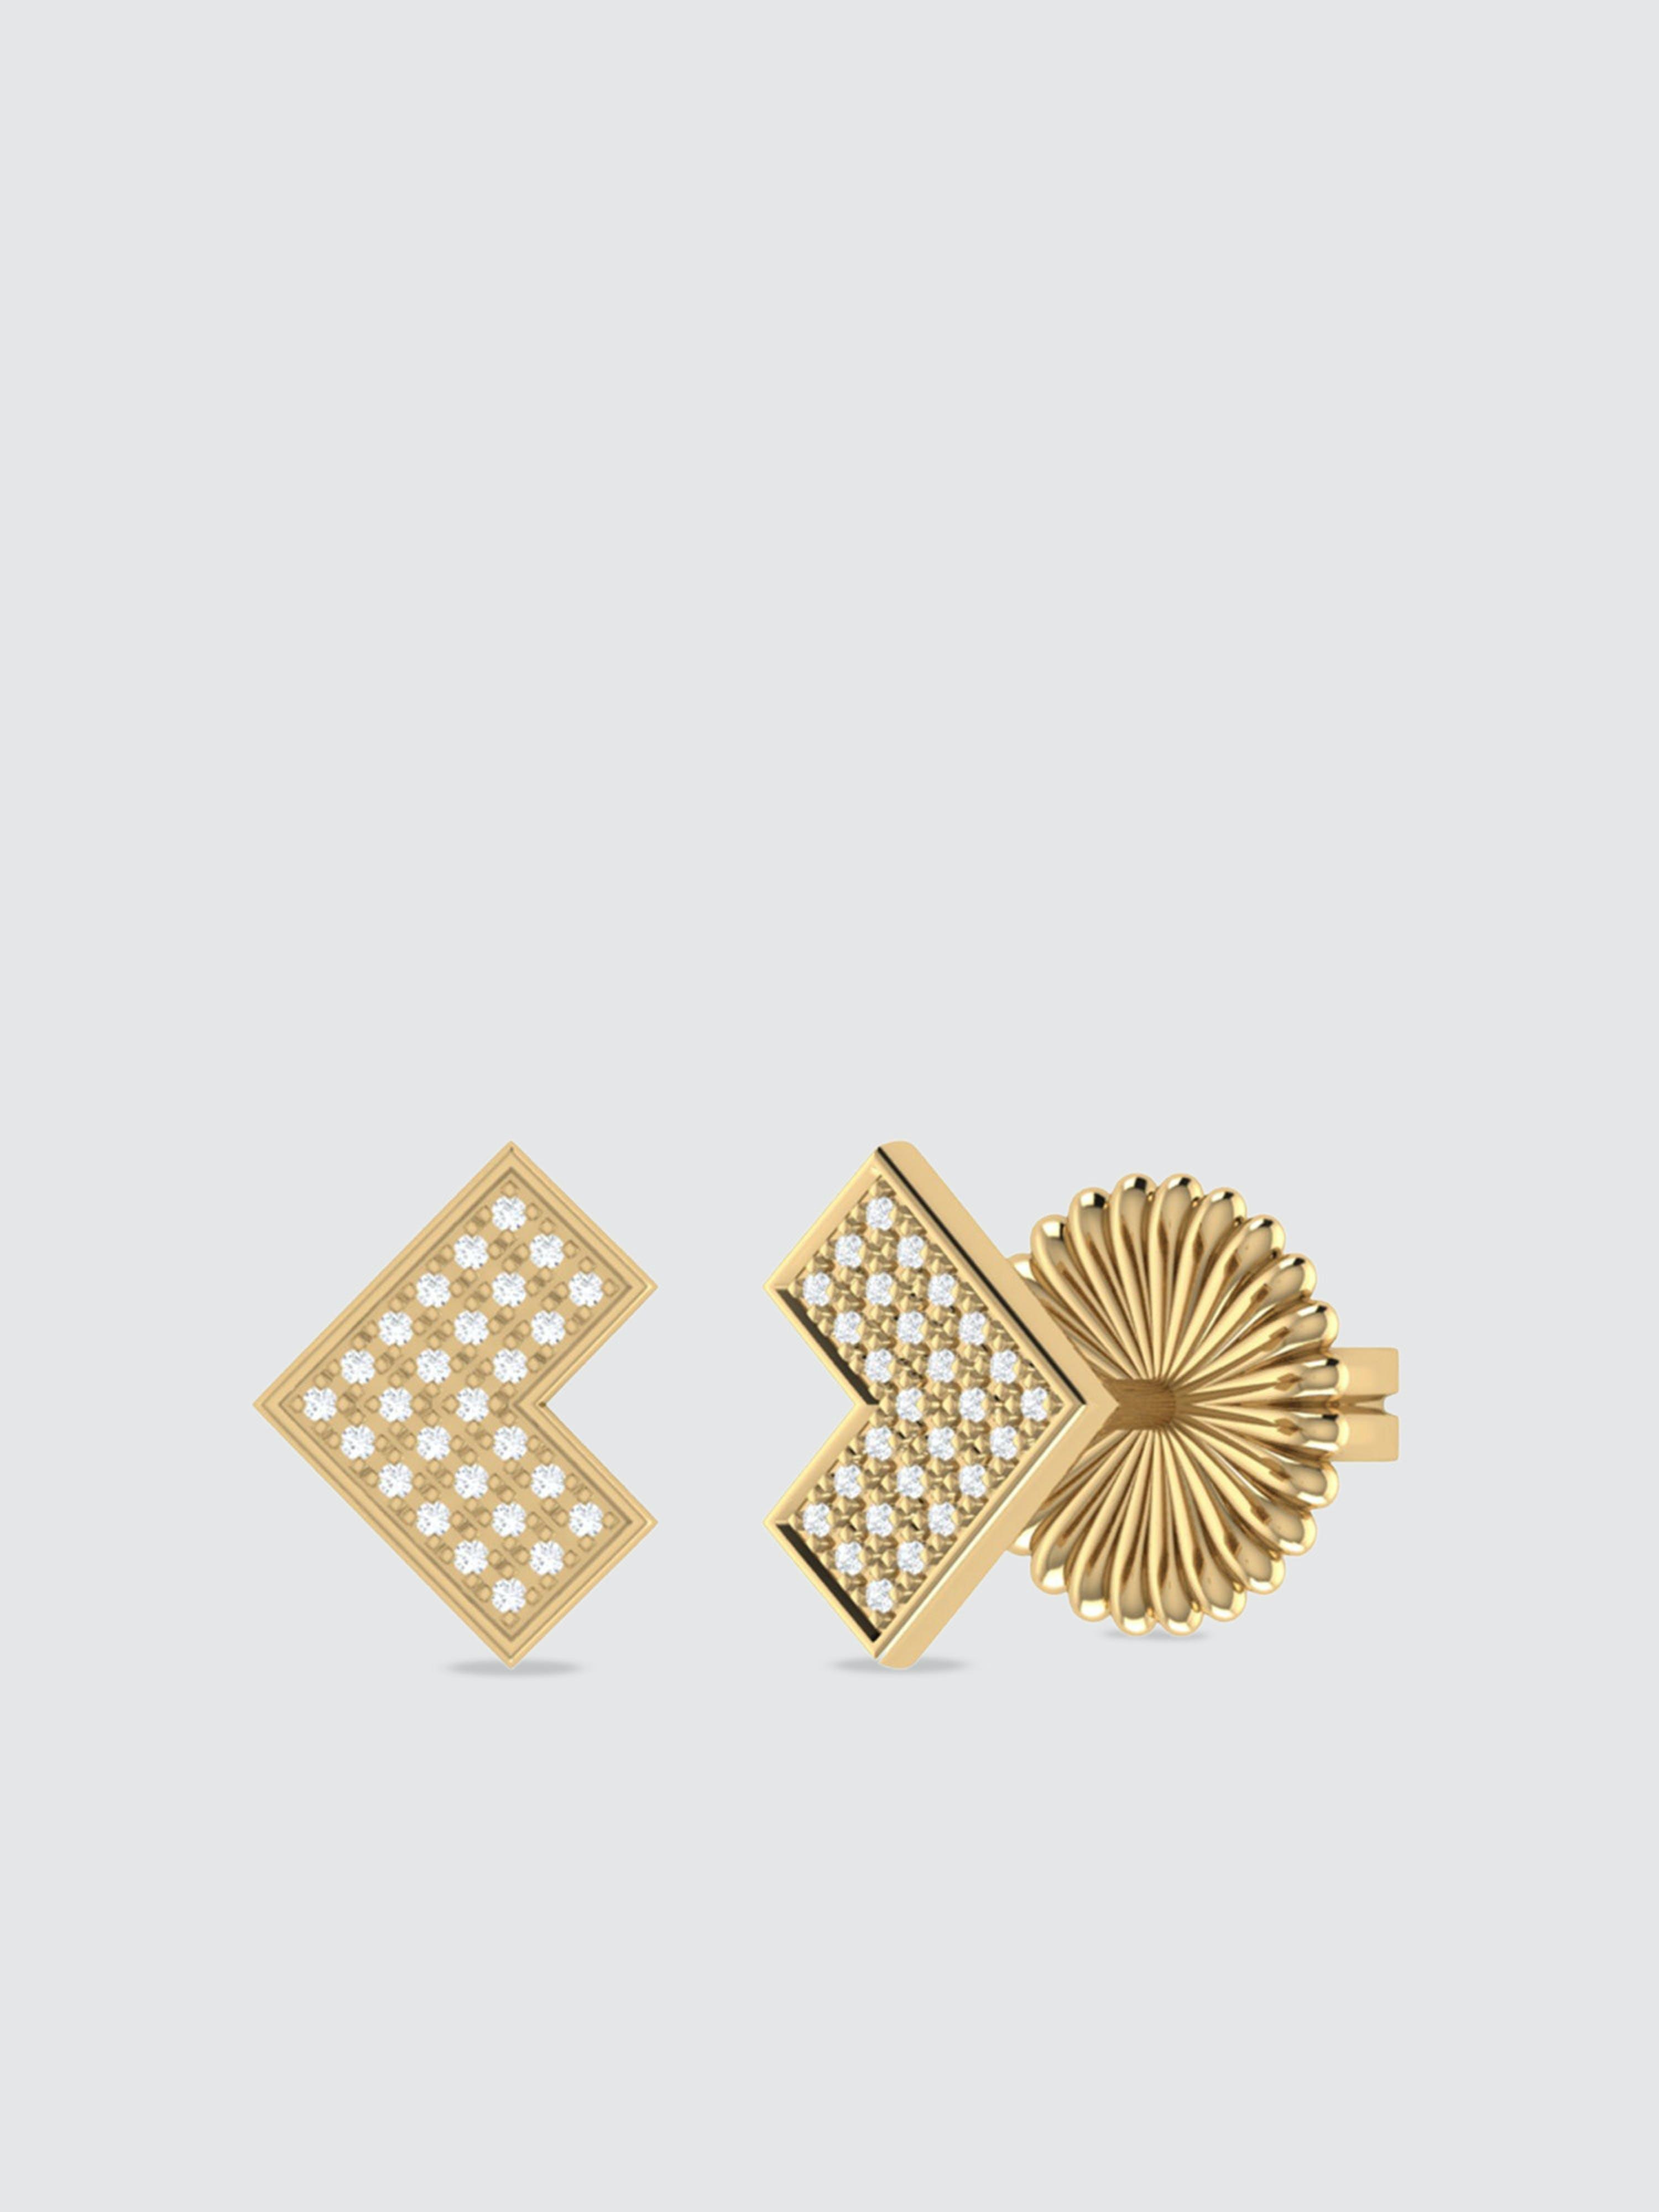 Luvmyjewelry One Way Arrow Diamond Stud Earrings In 14k Yellow Gold Vermeil On Sterling Silver